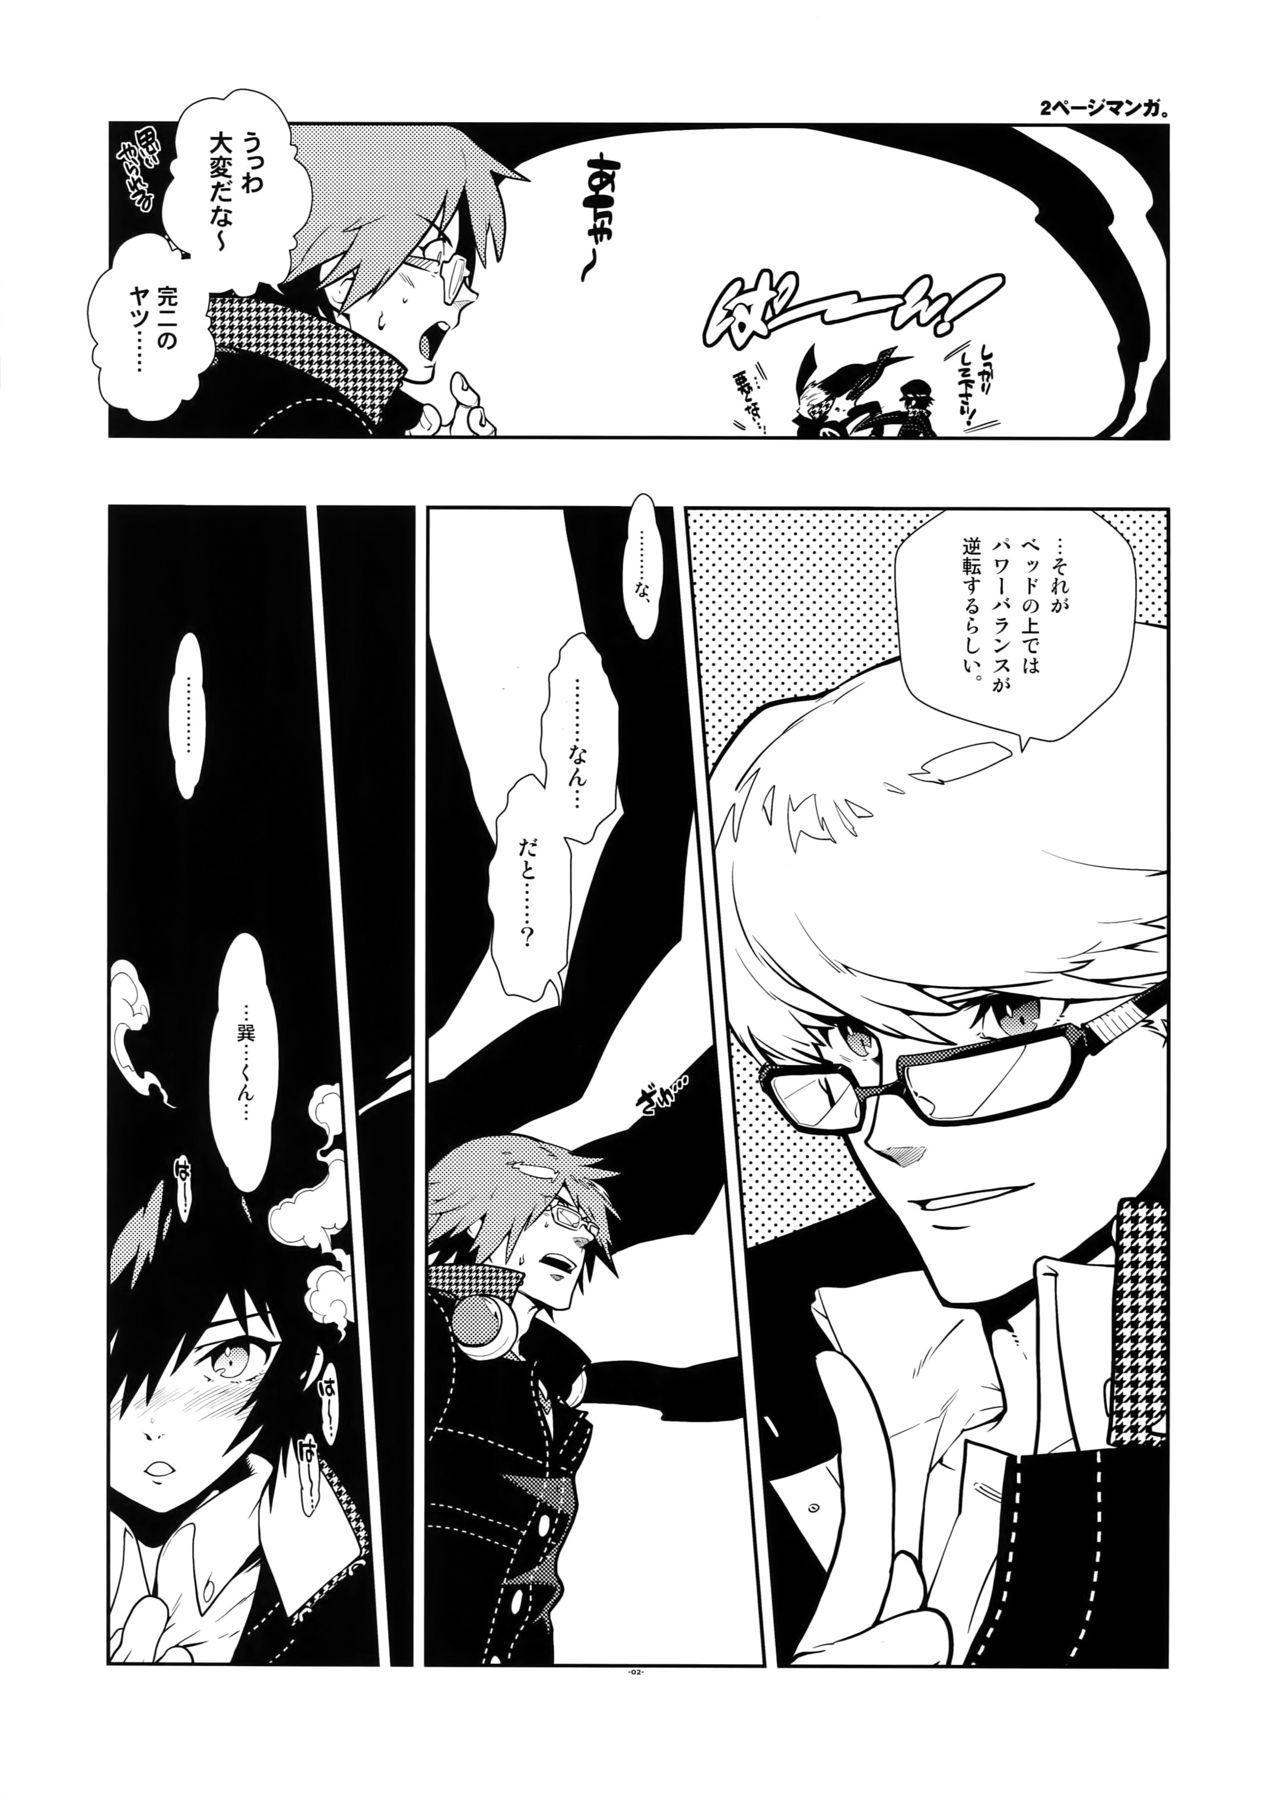 RaKuGaKi.Vol2.5 1